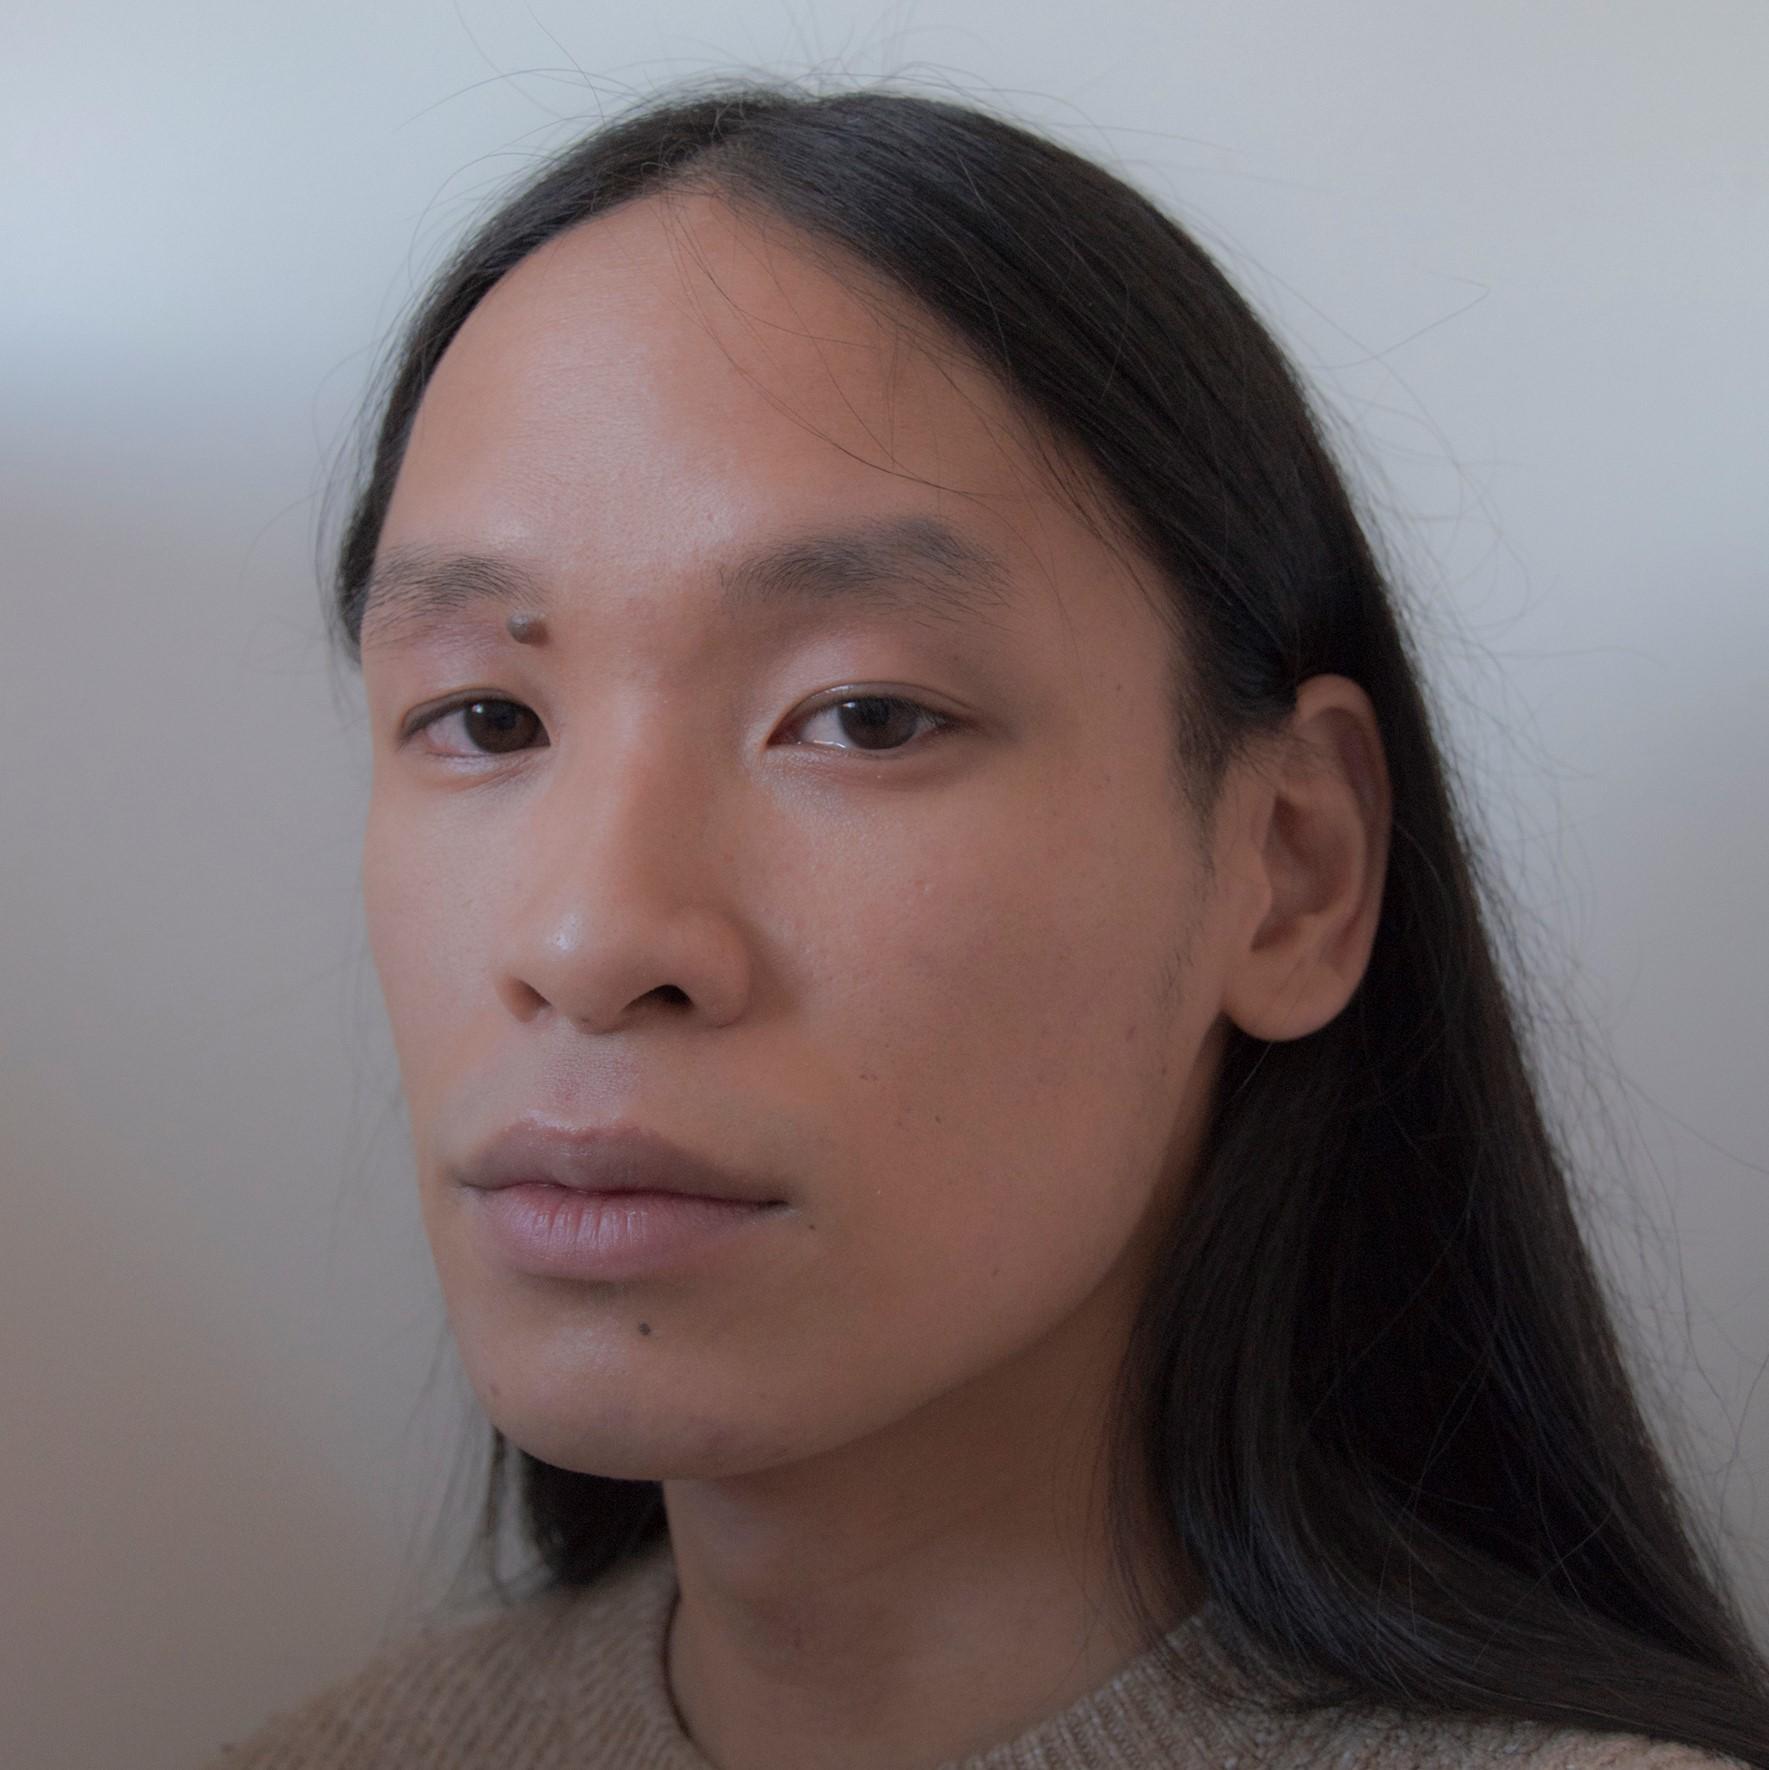 Künstler*innengespräch Pham, Minh Duc